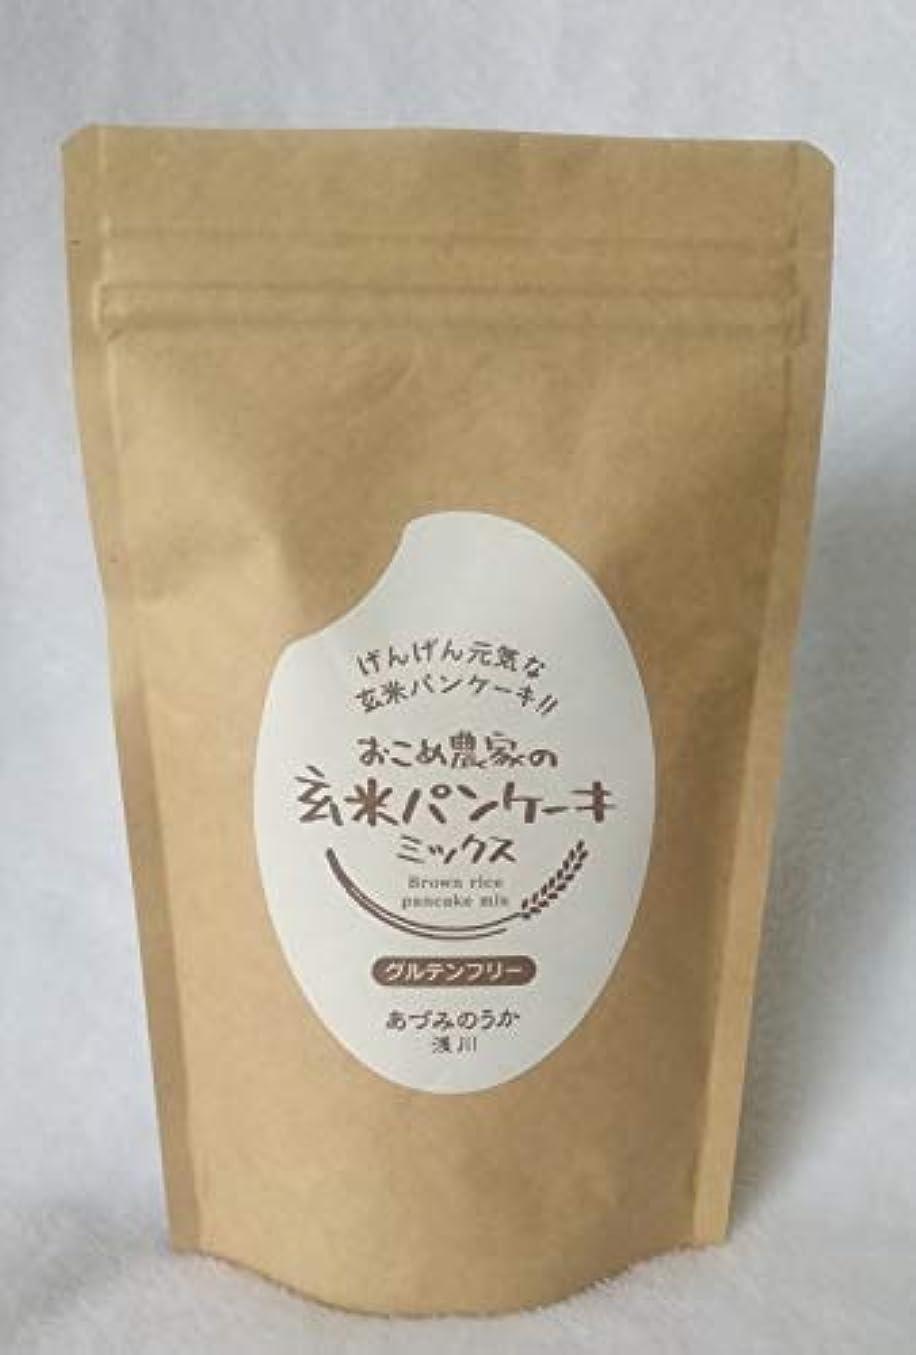 ガチョウ合成パーツ浅川さんちの【玄米パンケーキミックス】